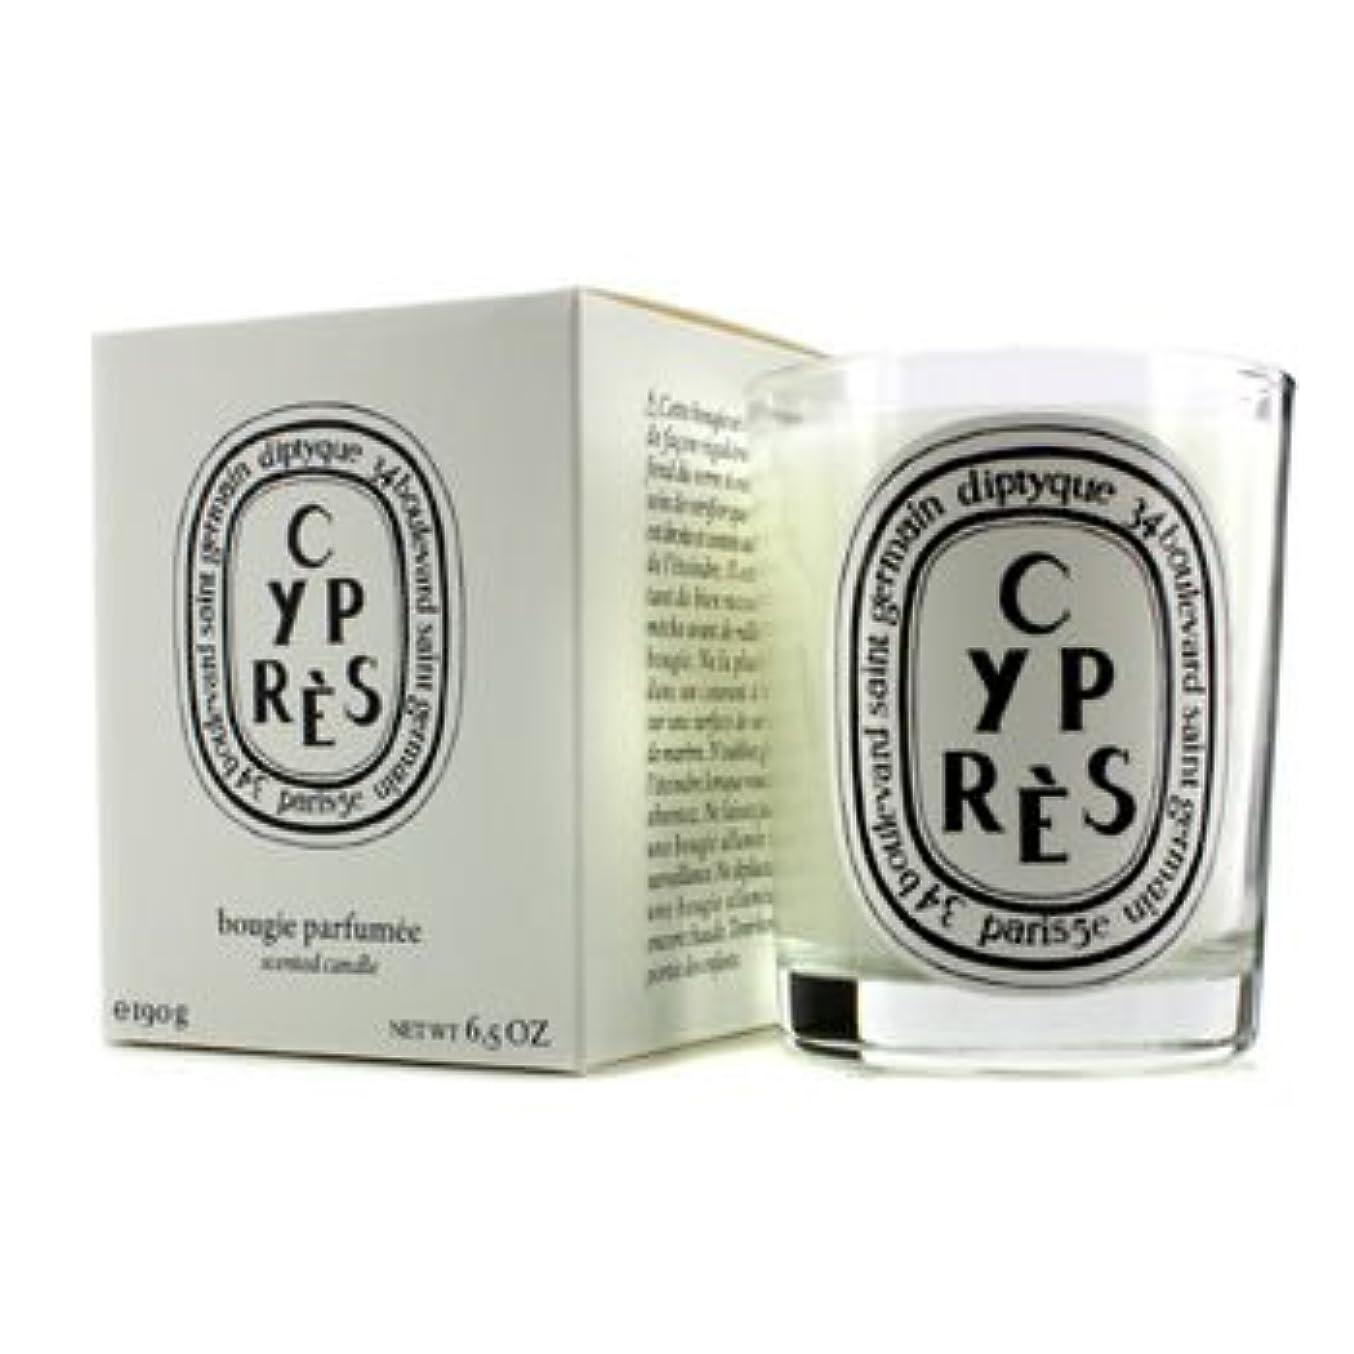 月面鈍いヘッジ[Diptyque] Scented Candle - Cypres (Cypress) 190g/6.5oz